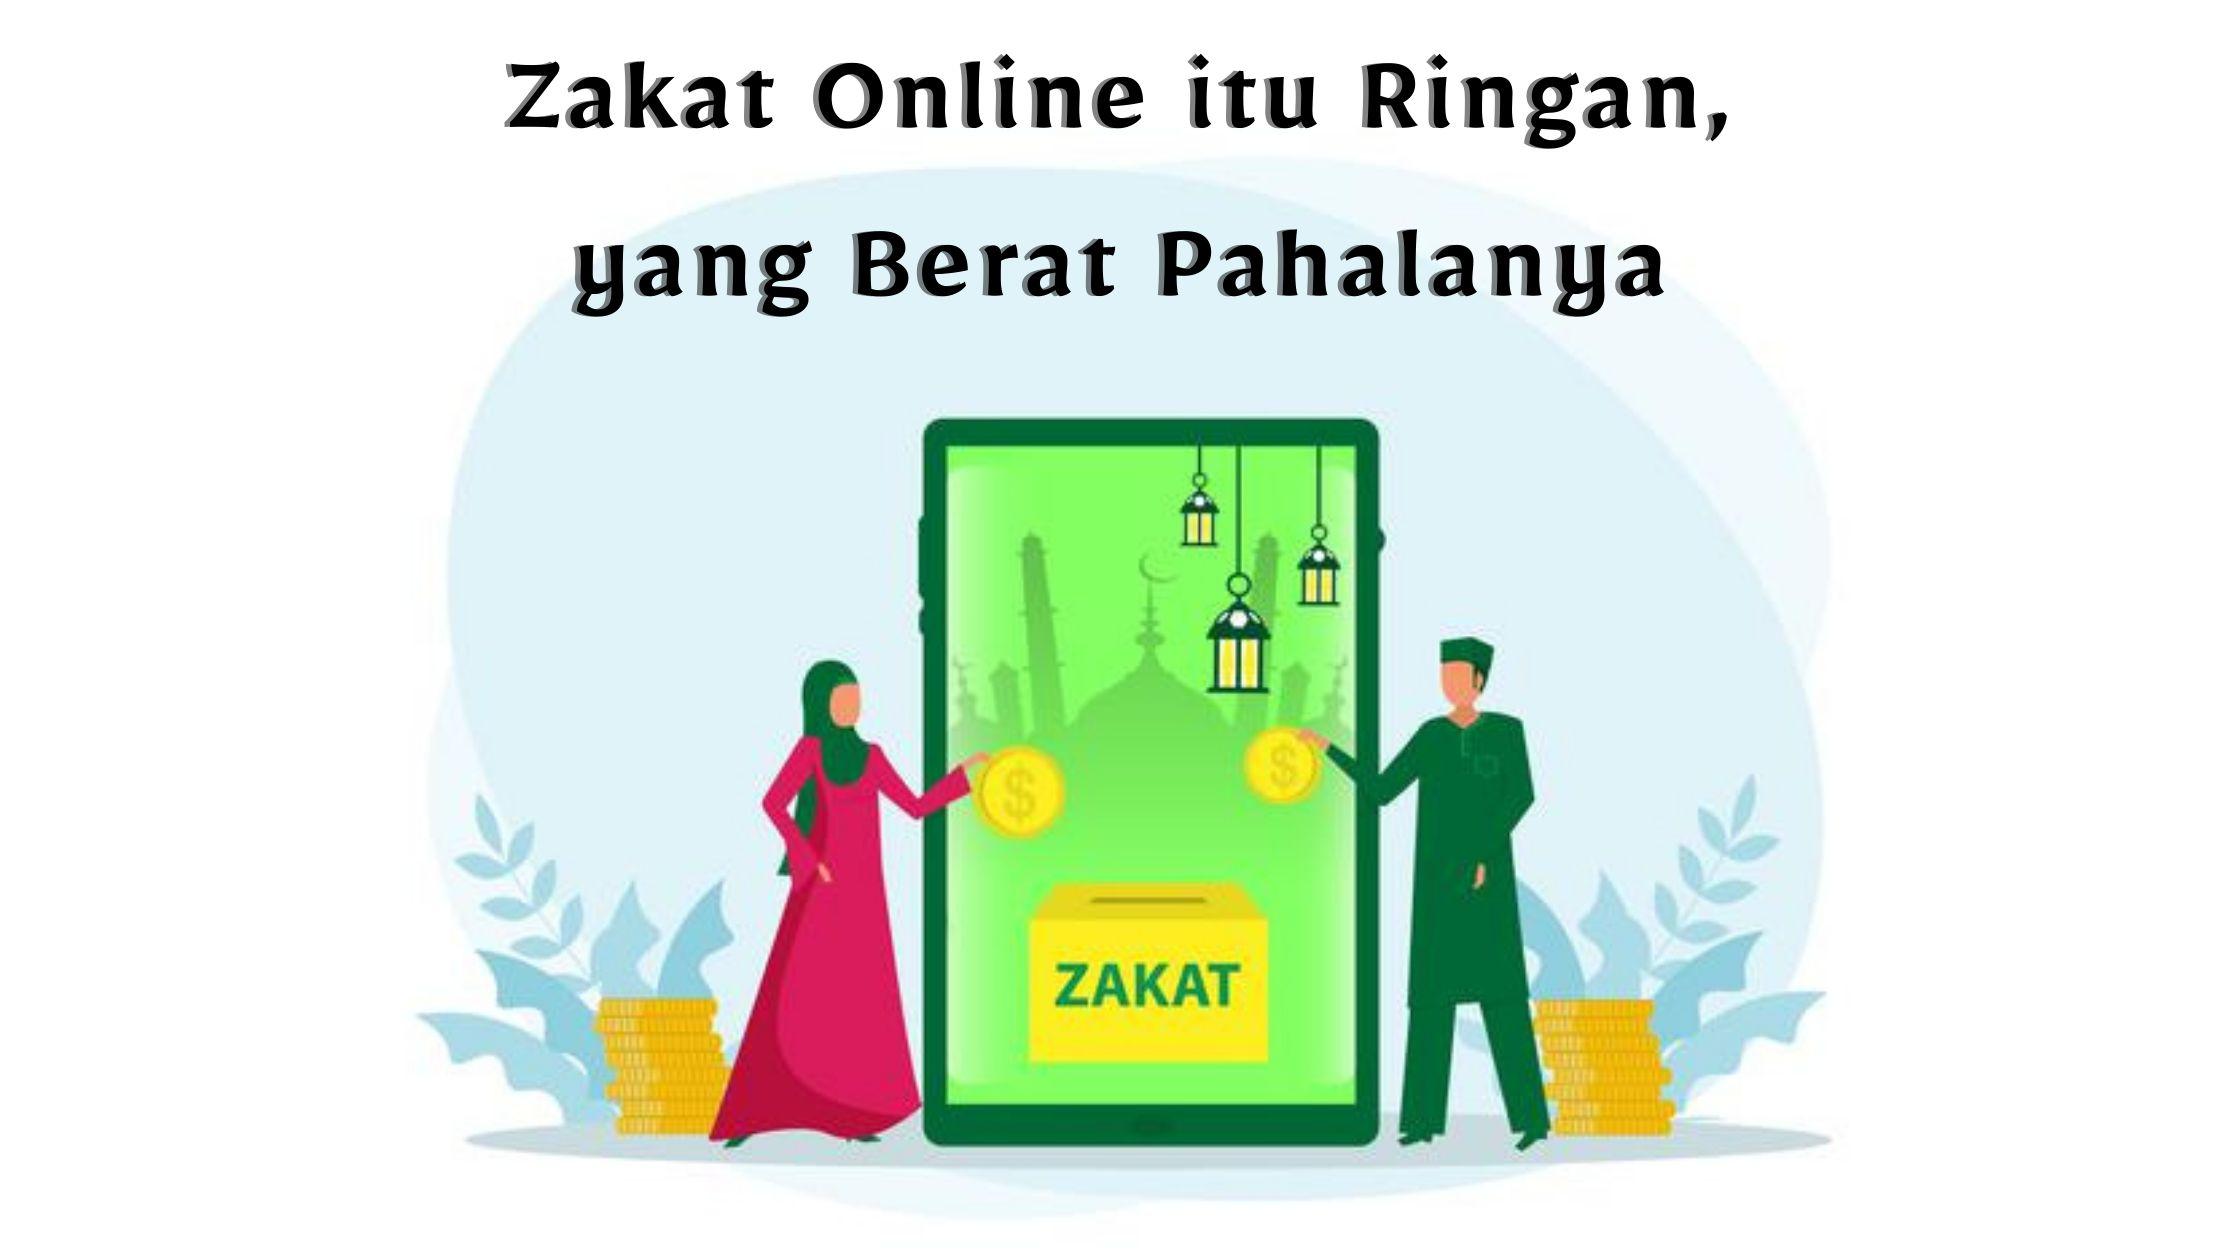 Zakat Online Itu Ringan, yang Berat Pahalanya